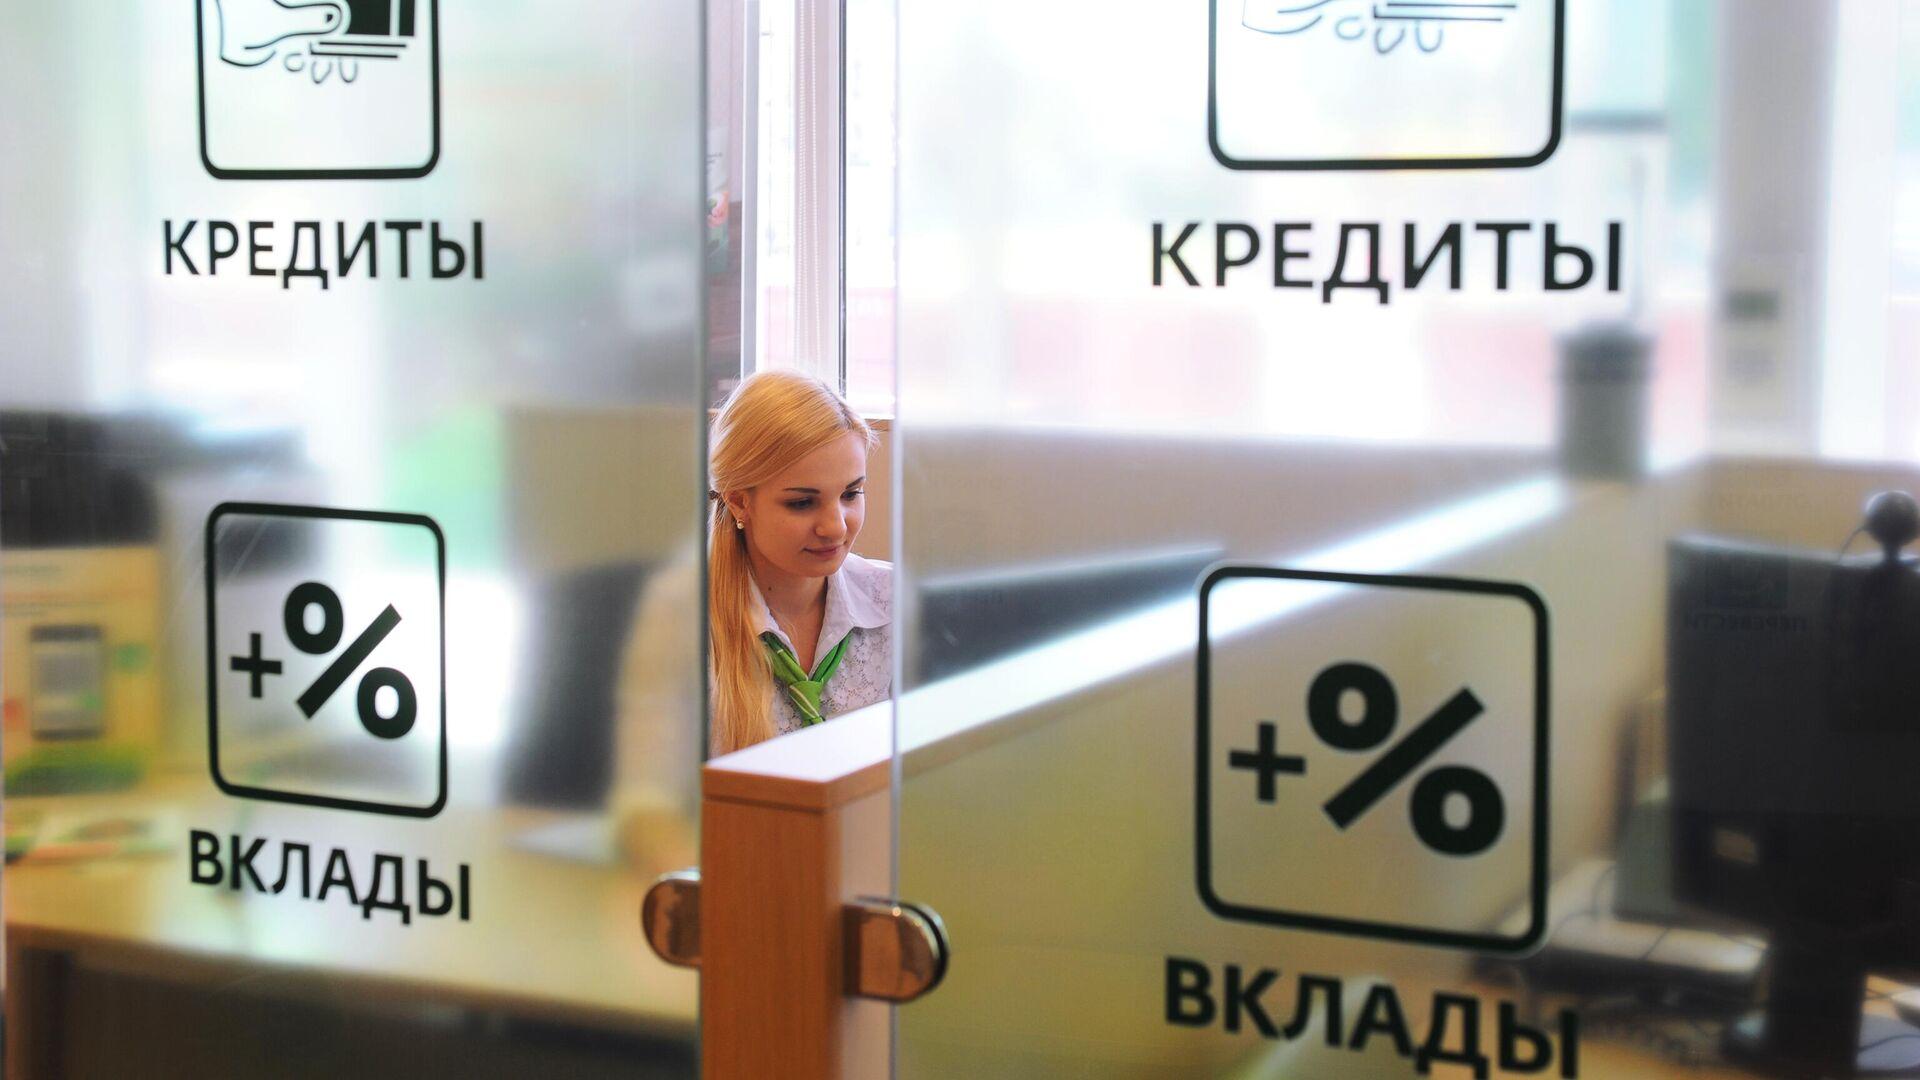 Названы случаи, когда банк может отказать в возврате вклада